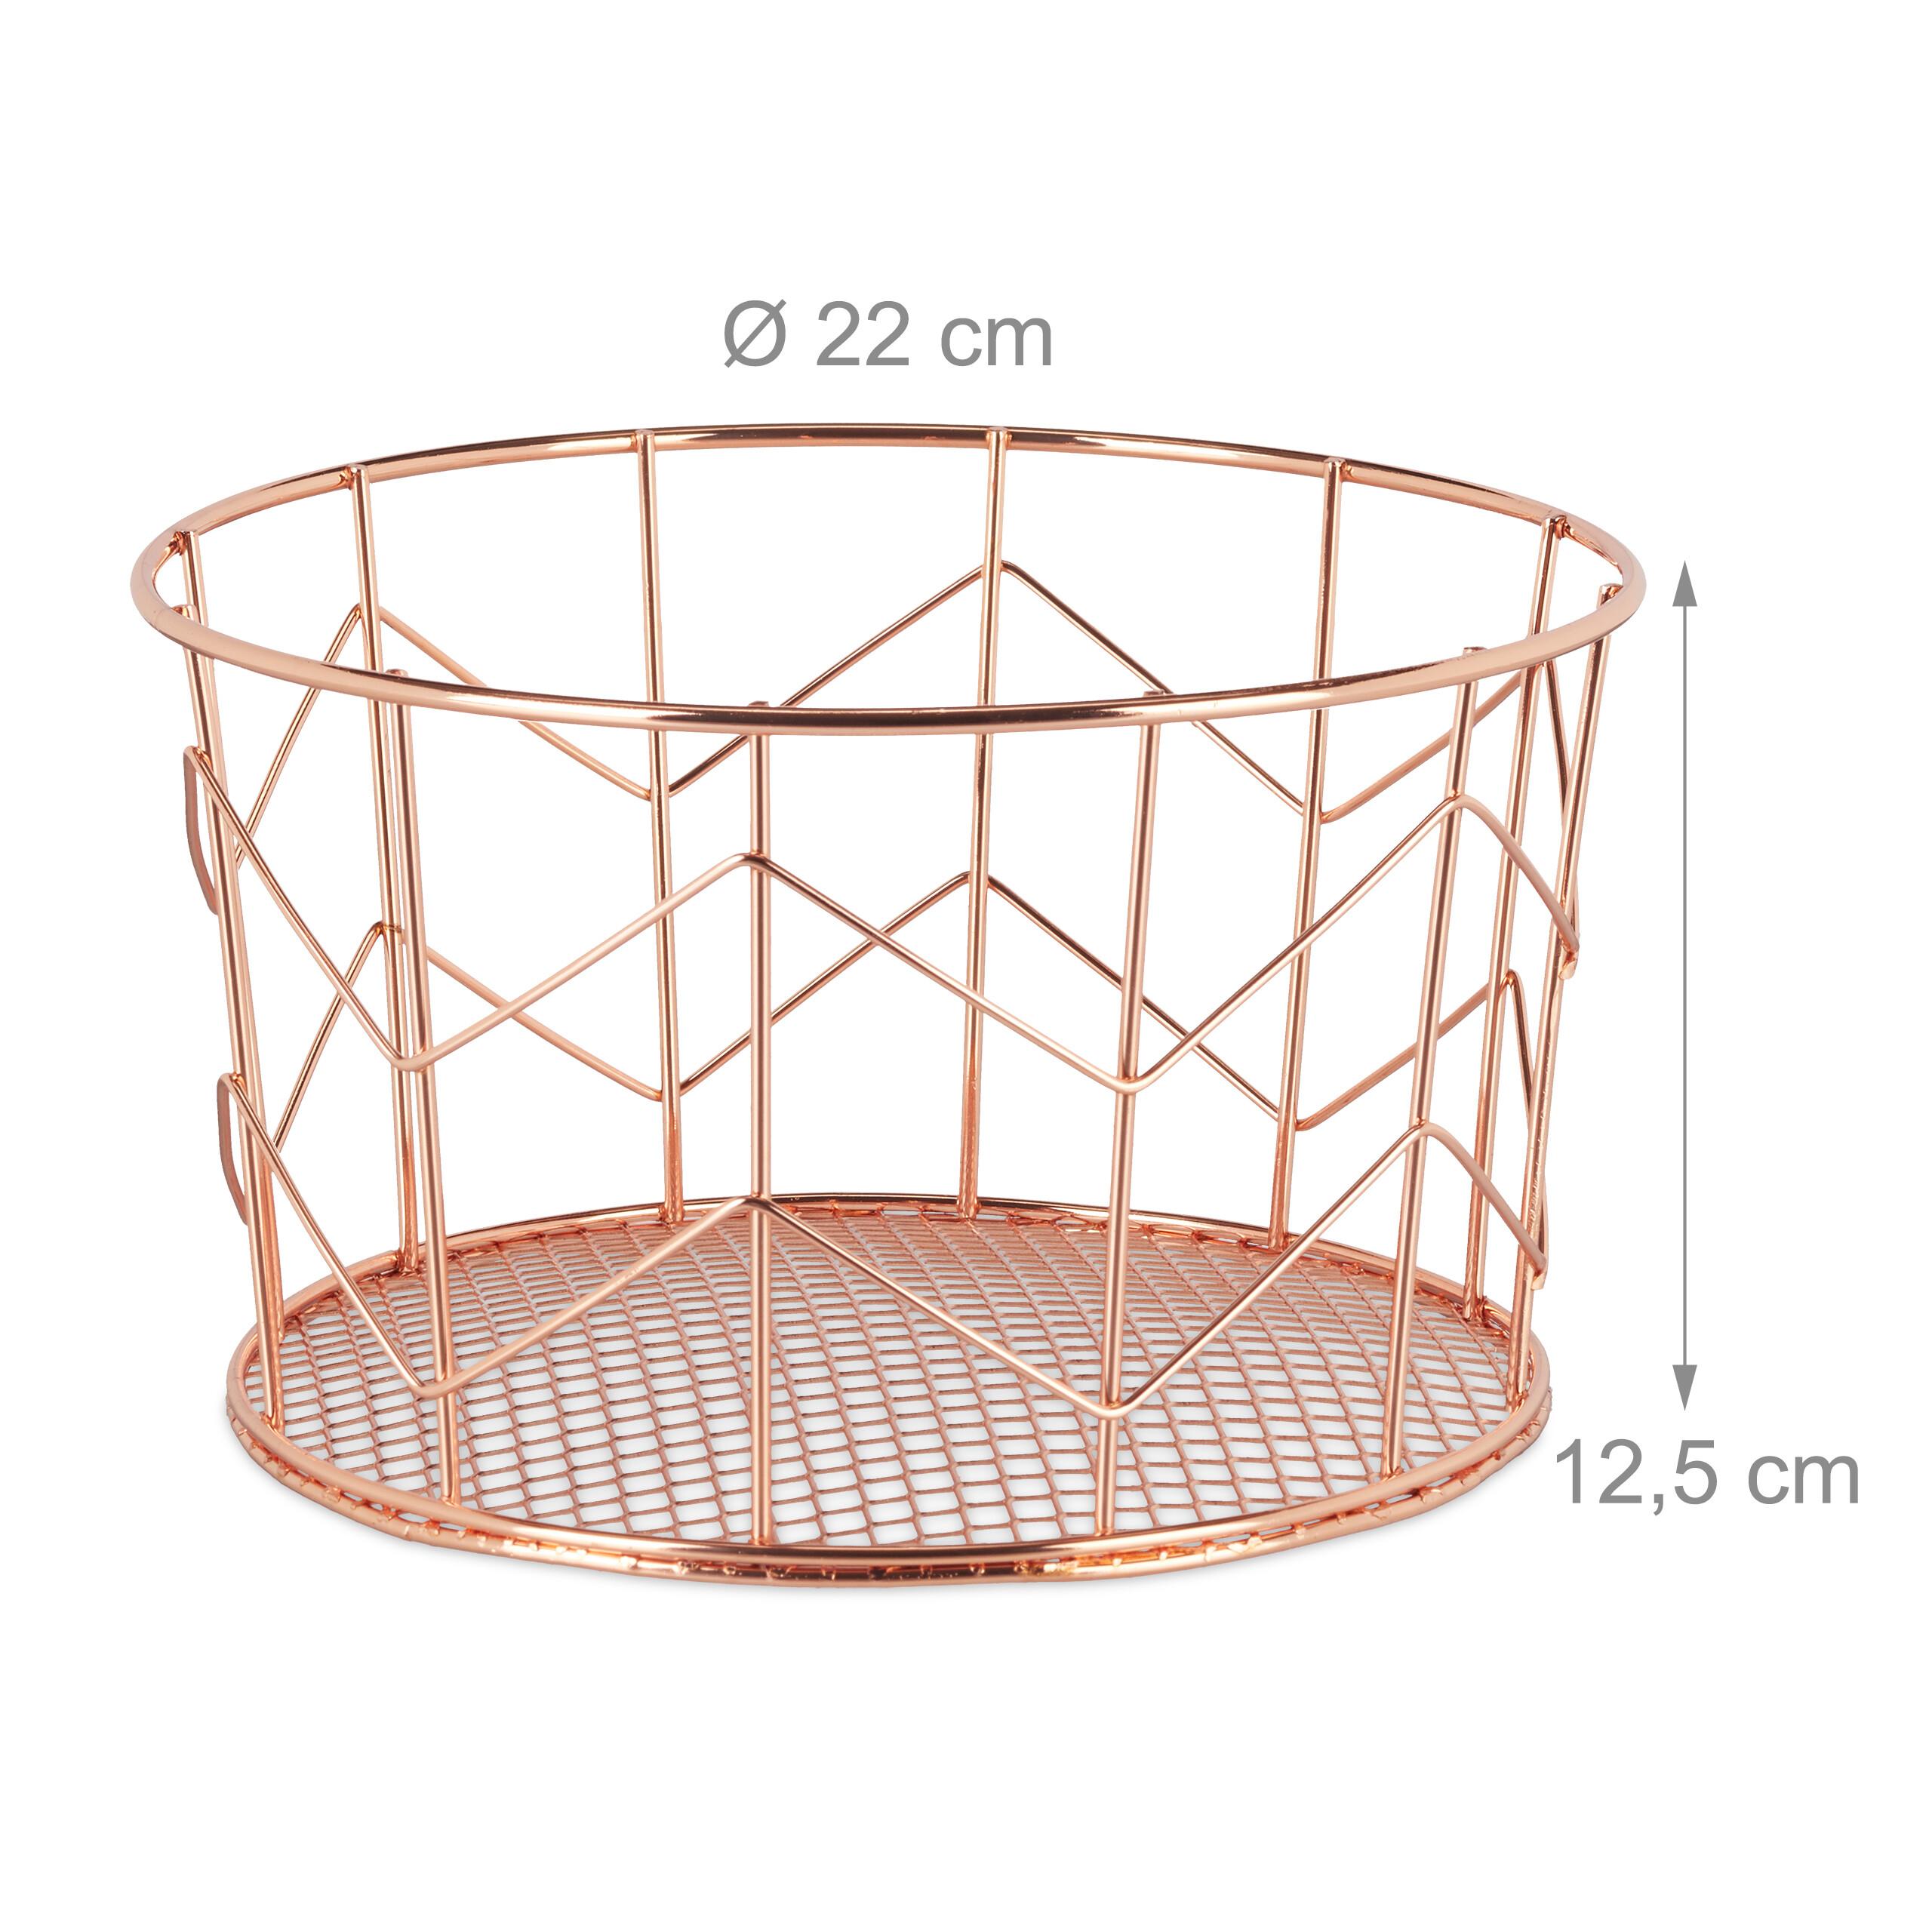 1 x Drahtkorb Deko Basket Allzweckkorb Aufbewahrungskorb Metallkorb Korb kupfer